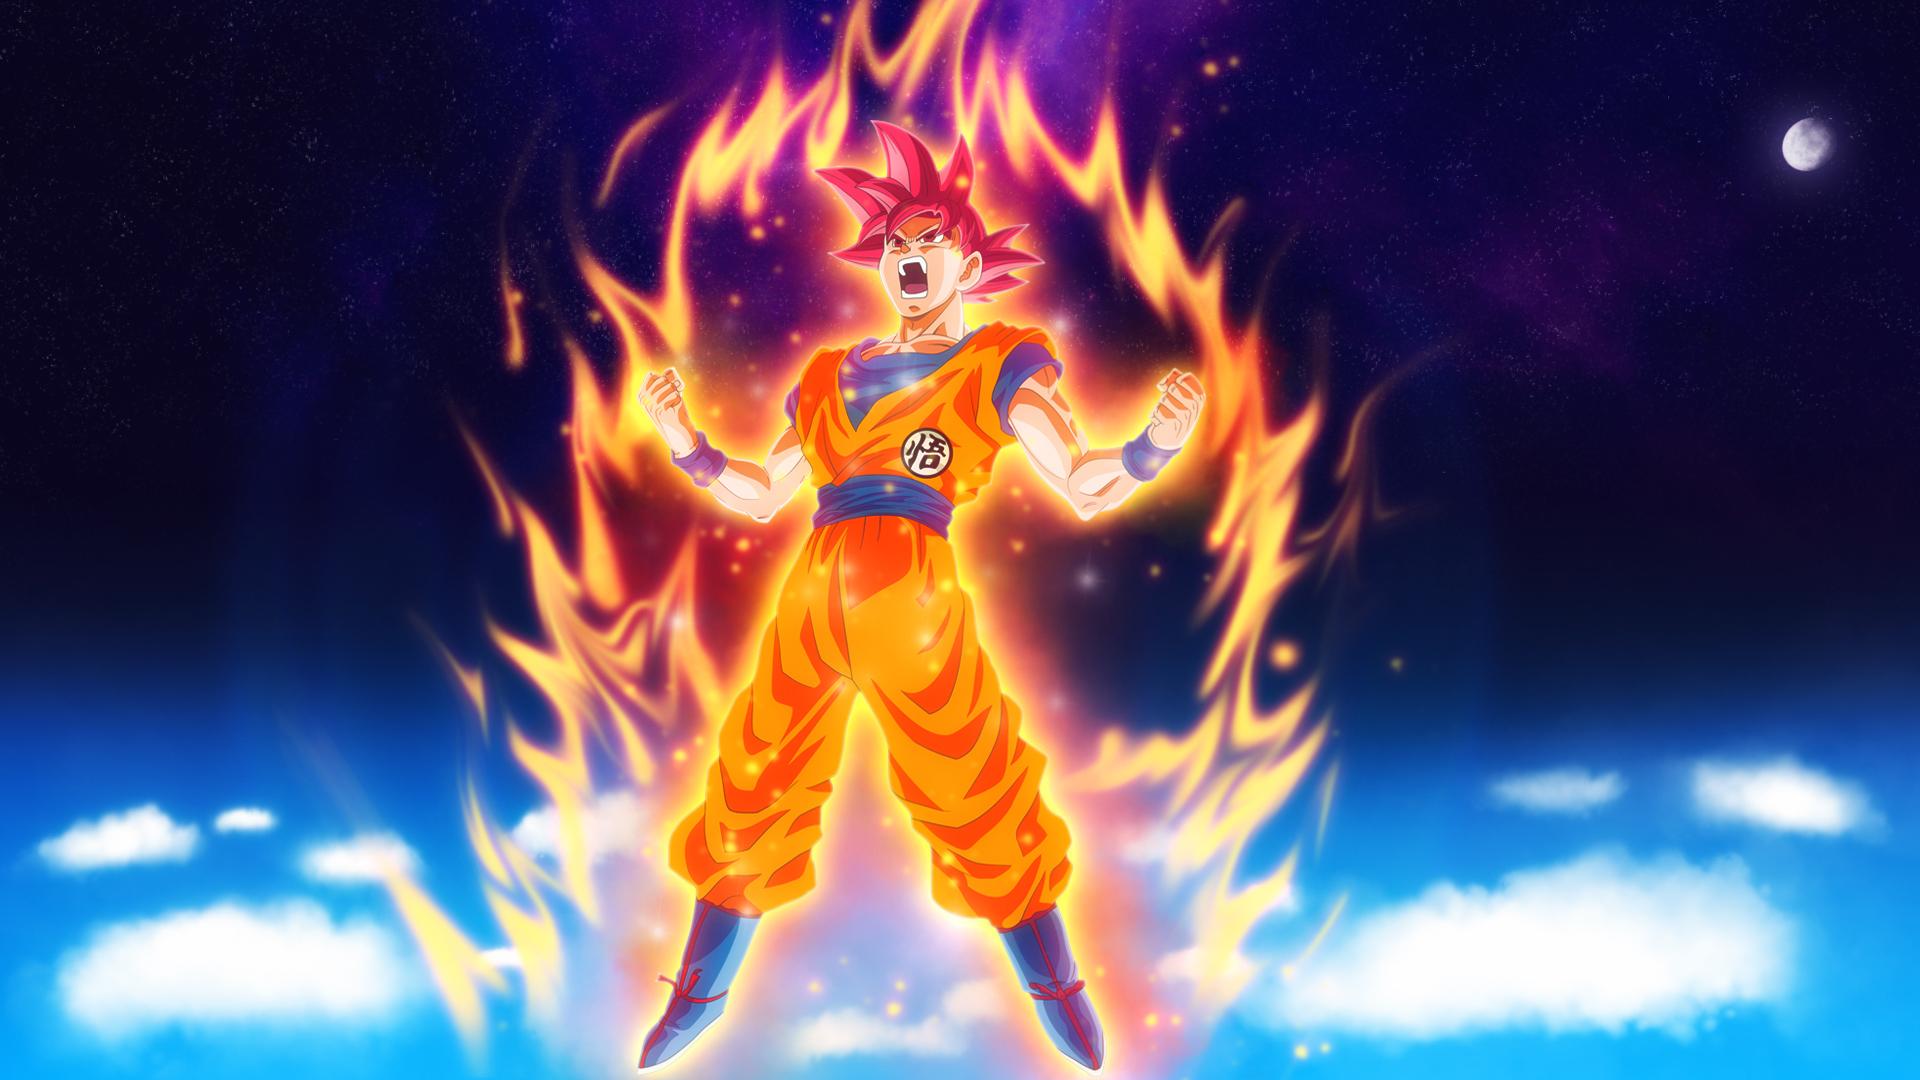 Dragon Ball Z Fondo De Pantalla Hd Fondo De Escritorio